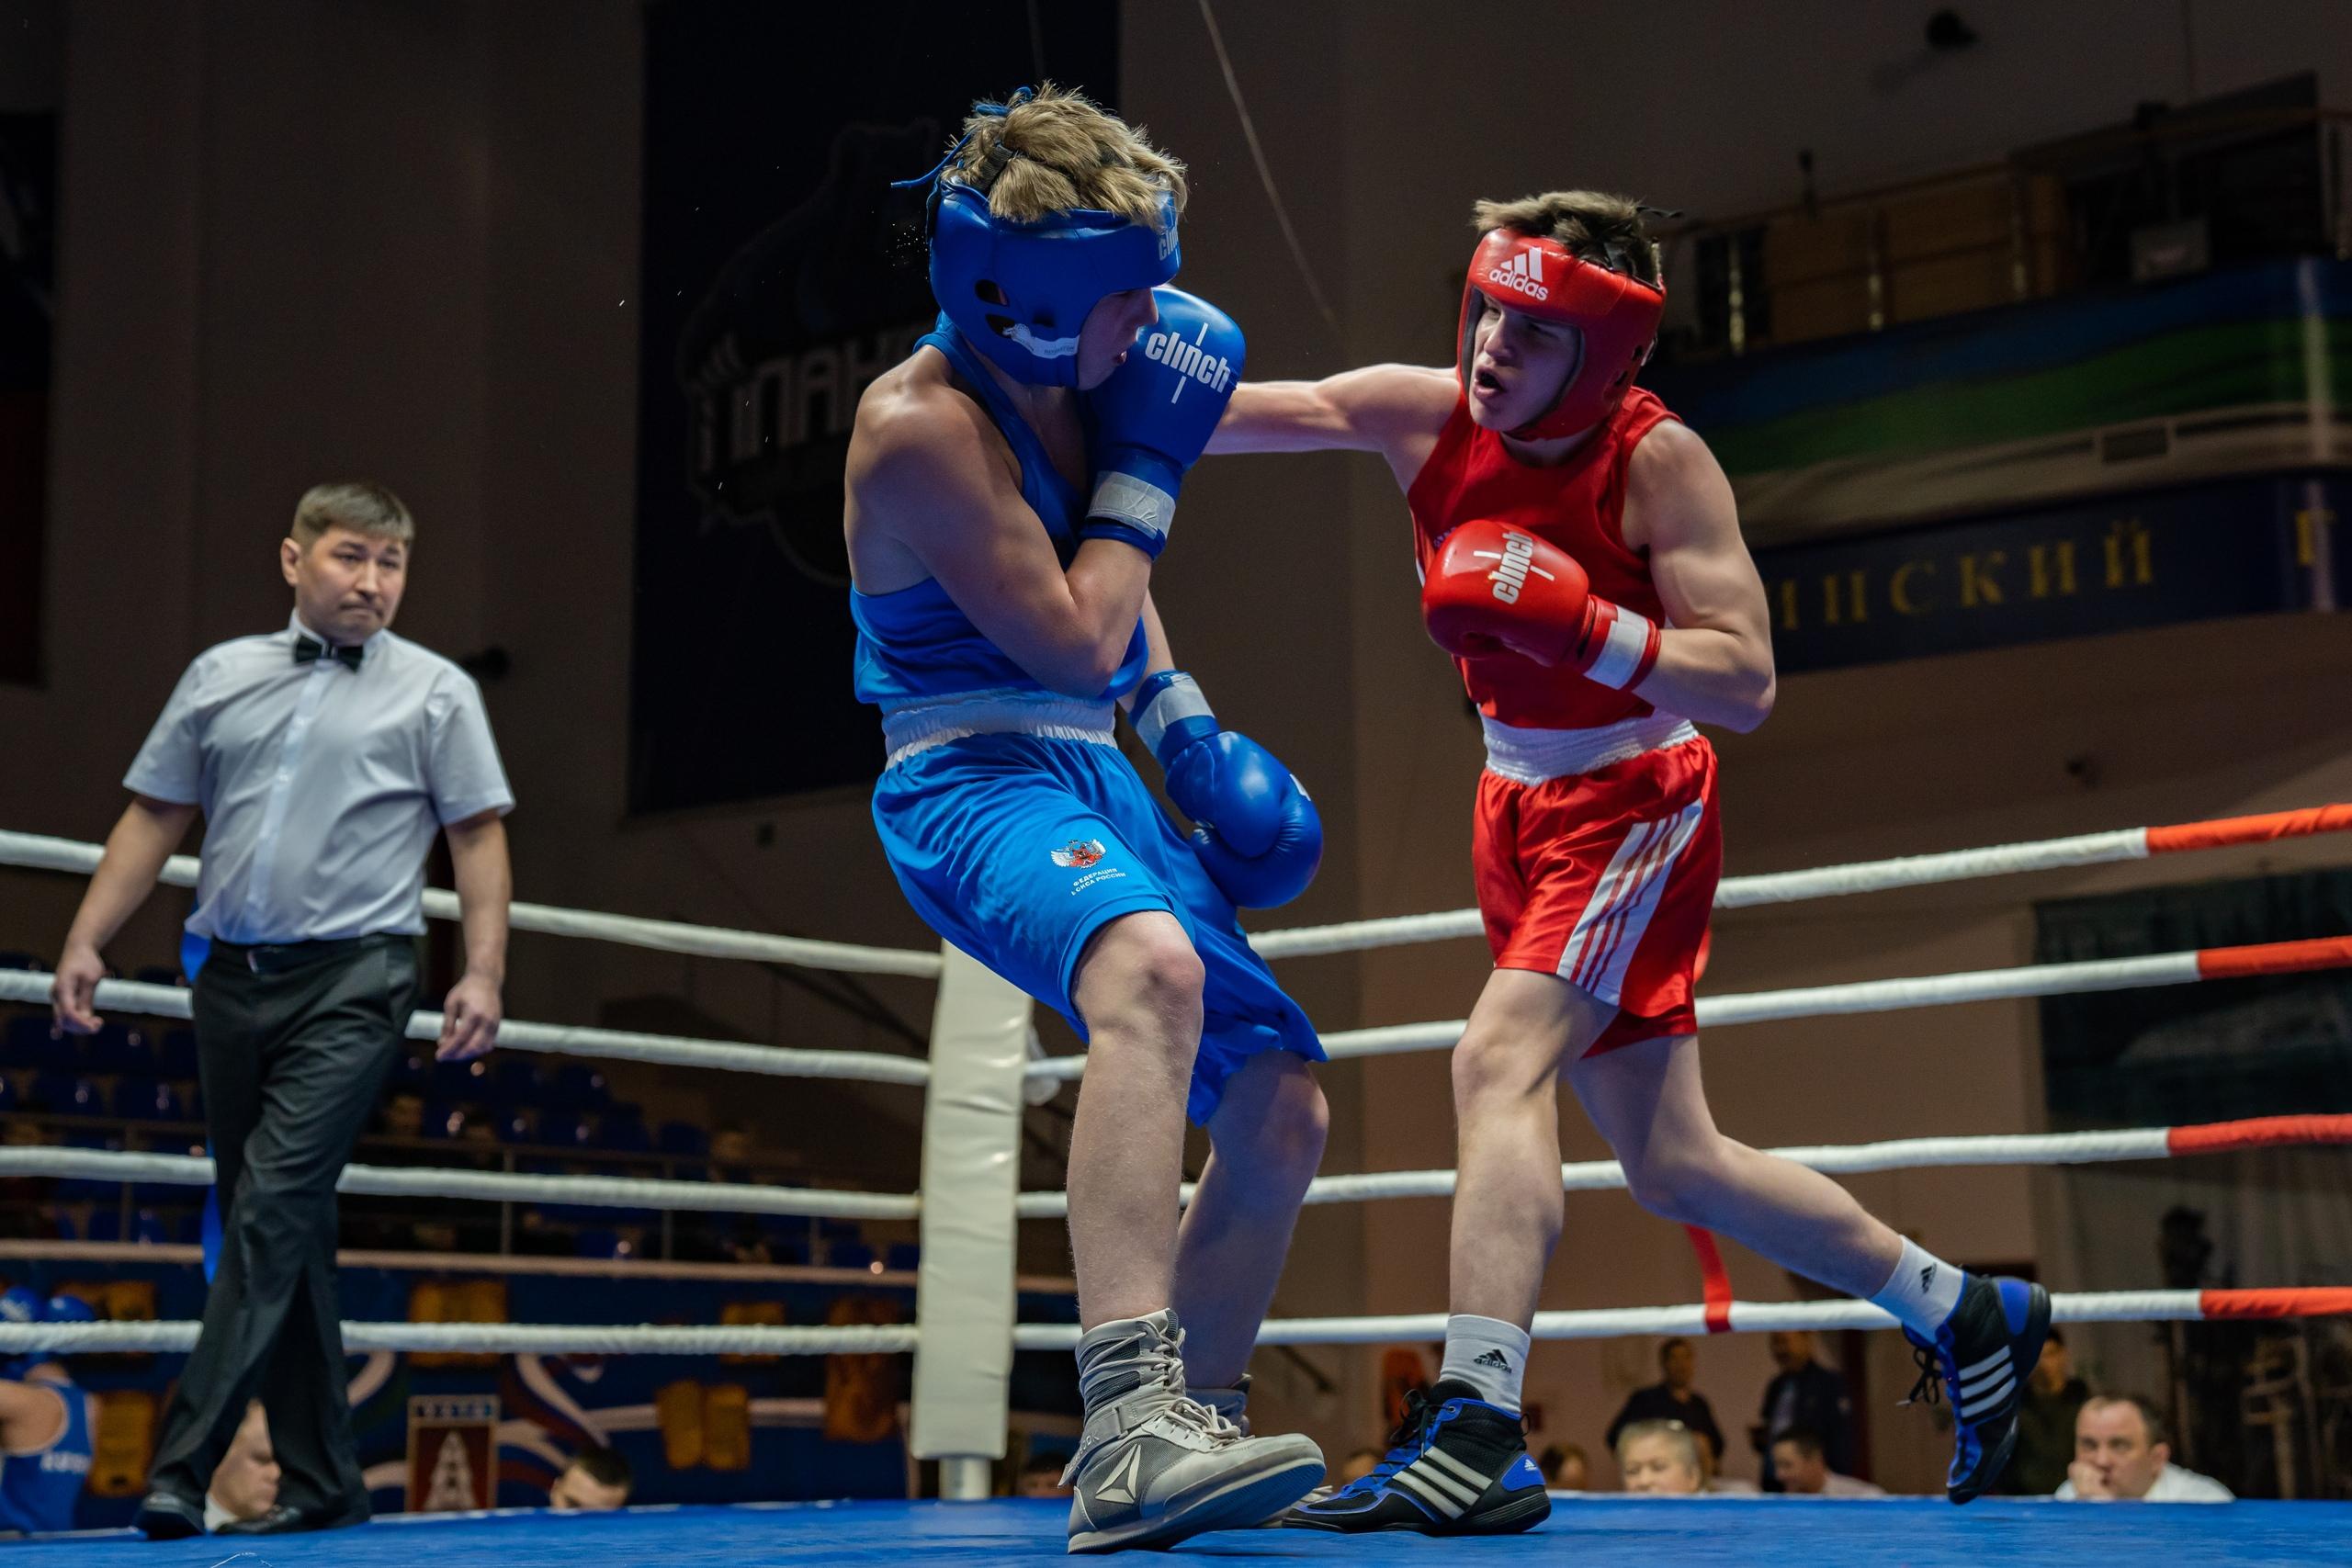 Фото с первенства СЗФО по боксу среди юниоров Ухта 2020_7